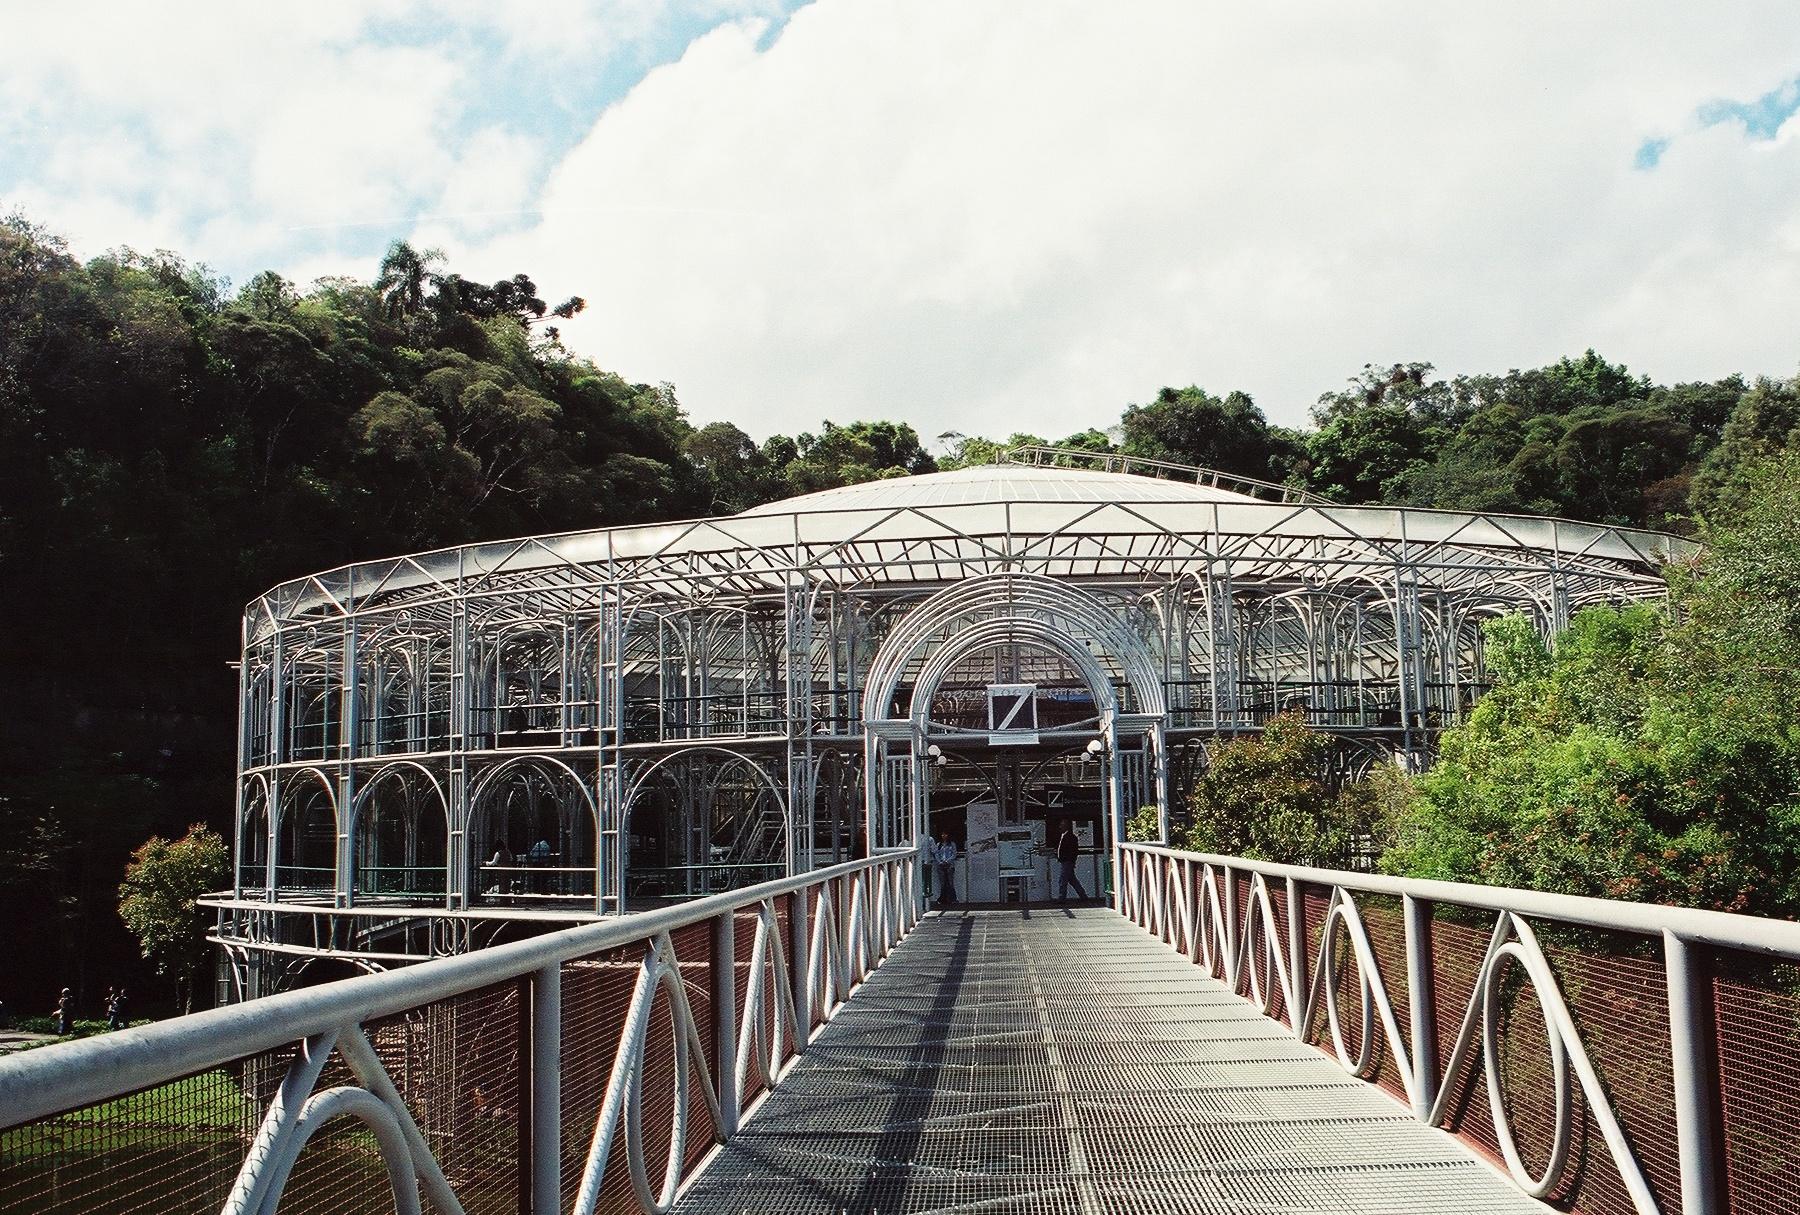 La Ópera de Alambre está ubicada en medio de una cantera desactivada. Construida en una estructura metálica tubular y techo transparente, esta edificación esta rodeada de abundante vegetación y hermosos jardines.Foto:Pamy Rojas